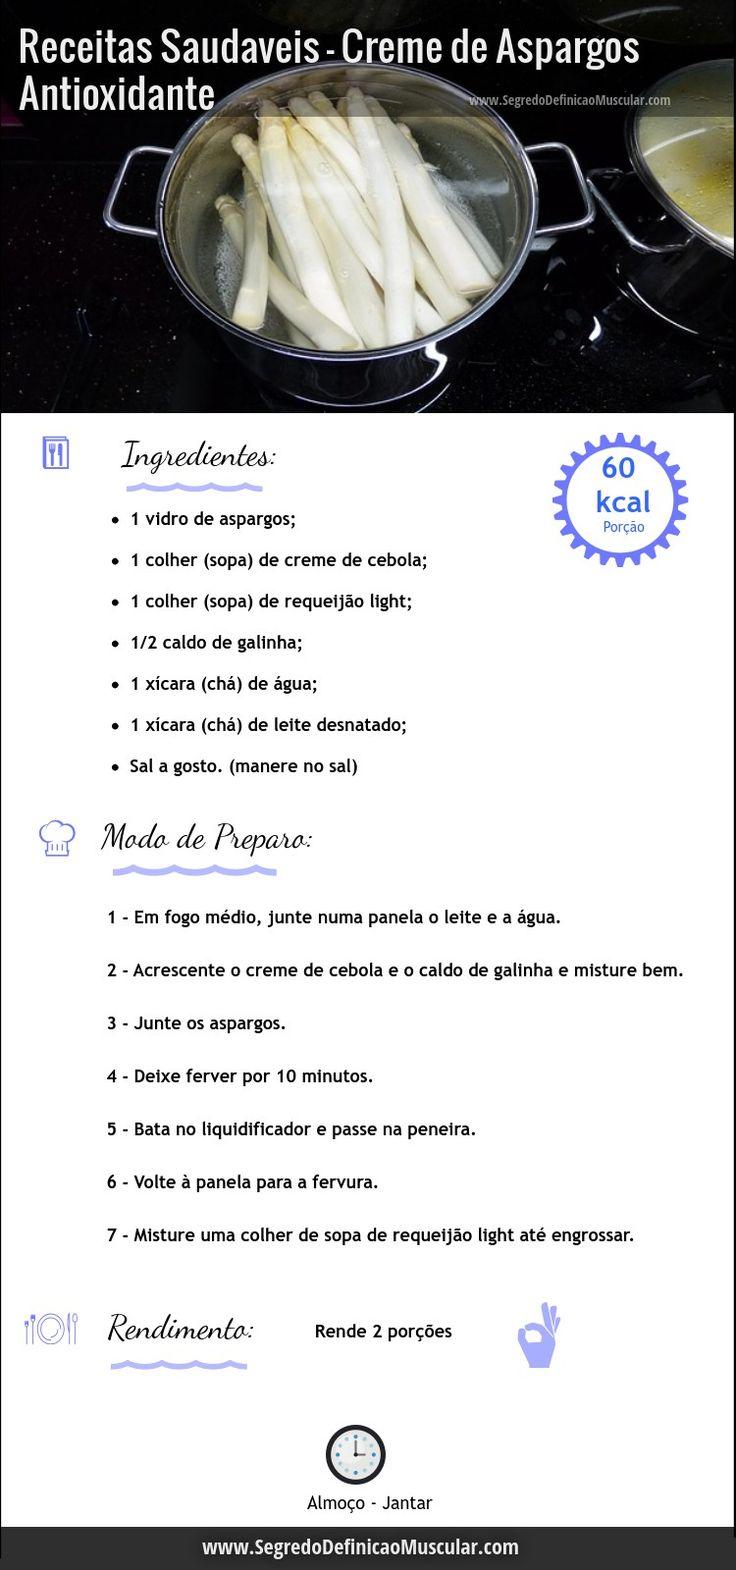 Creme de Aspargos Antioxidante  ➡ http://www.segredodefinicaomuscular.com/receitas-saudaveis-creme-de-aspargos-antioxidante  #Aspargos